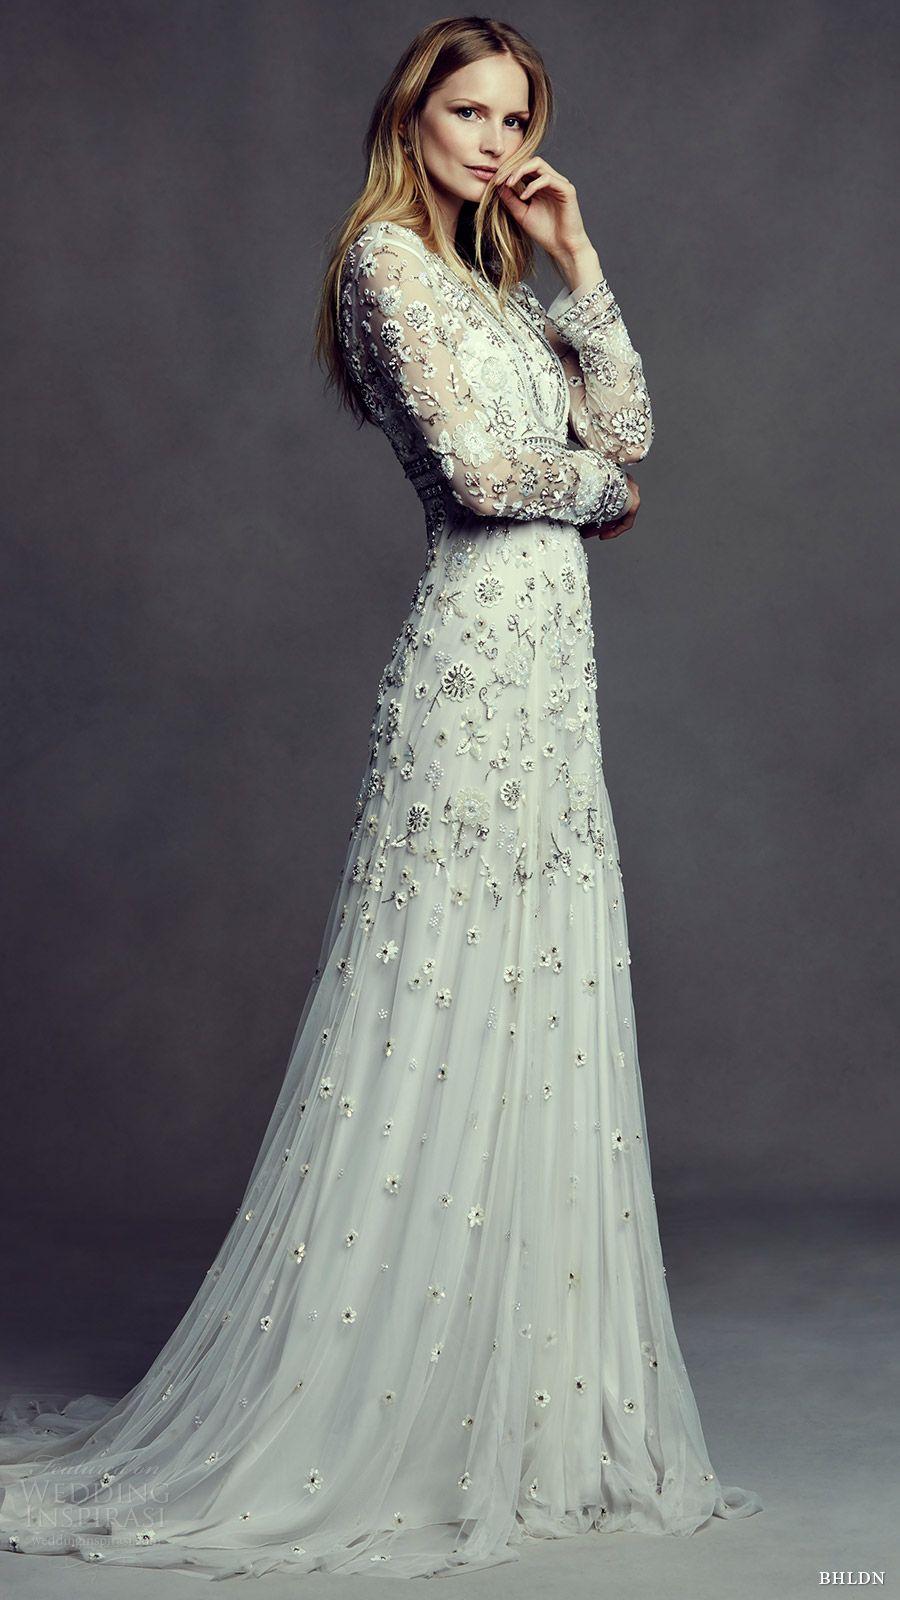 Bhldn ucbohemian beautyud bridal lookbook trumpet wedding dresses